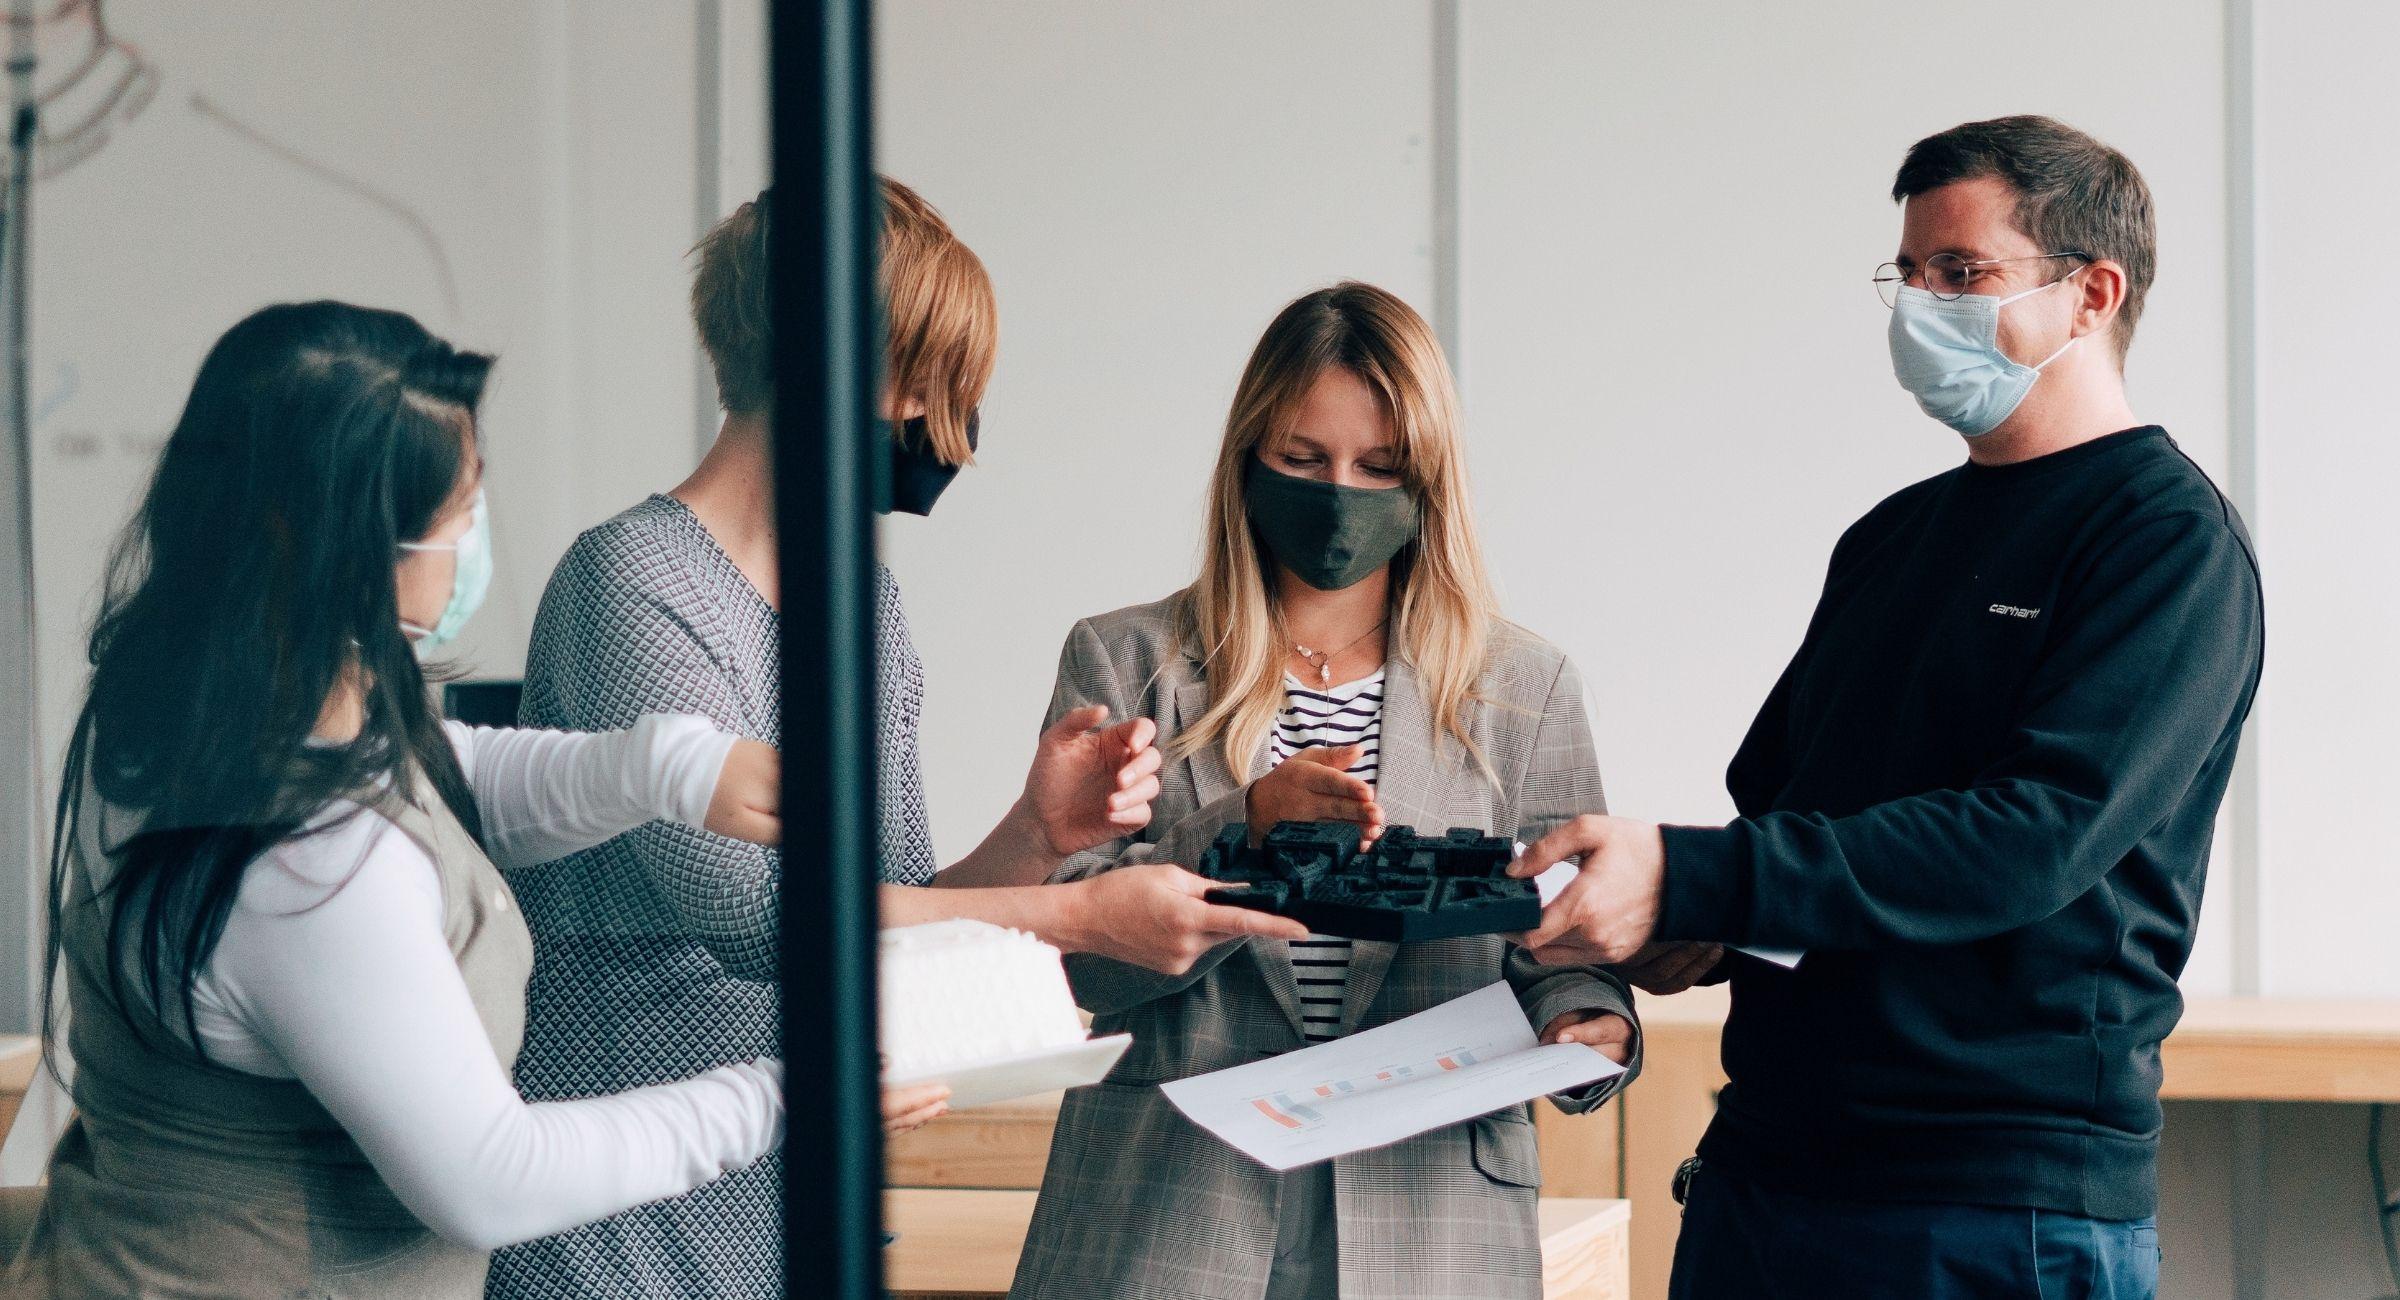 Ein symbiotischer Arbeitsplatz: Jenya (zweite von rechts) und Simon (ganz rechts) aus dem 3D-Team arbeiten eng mit dem Design-Team zusammen.